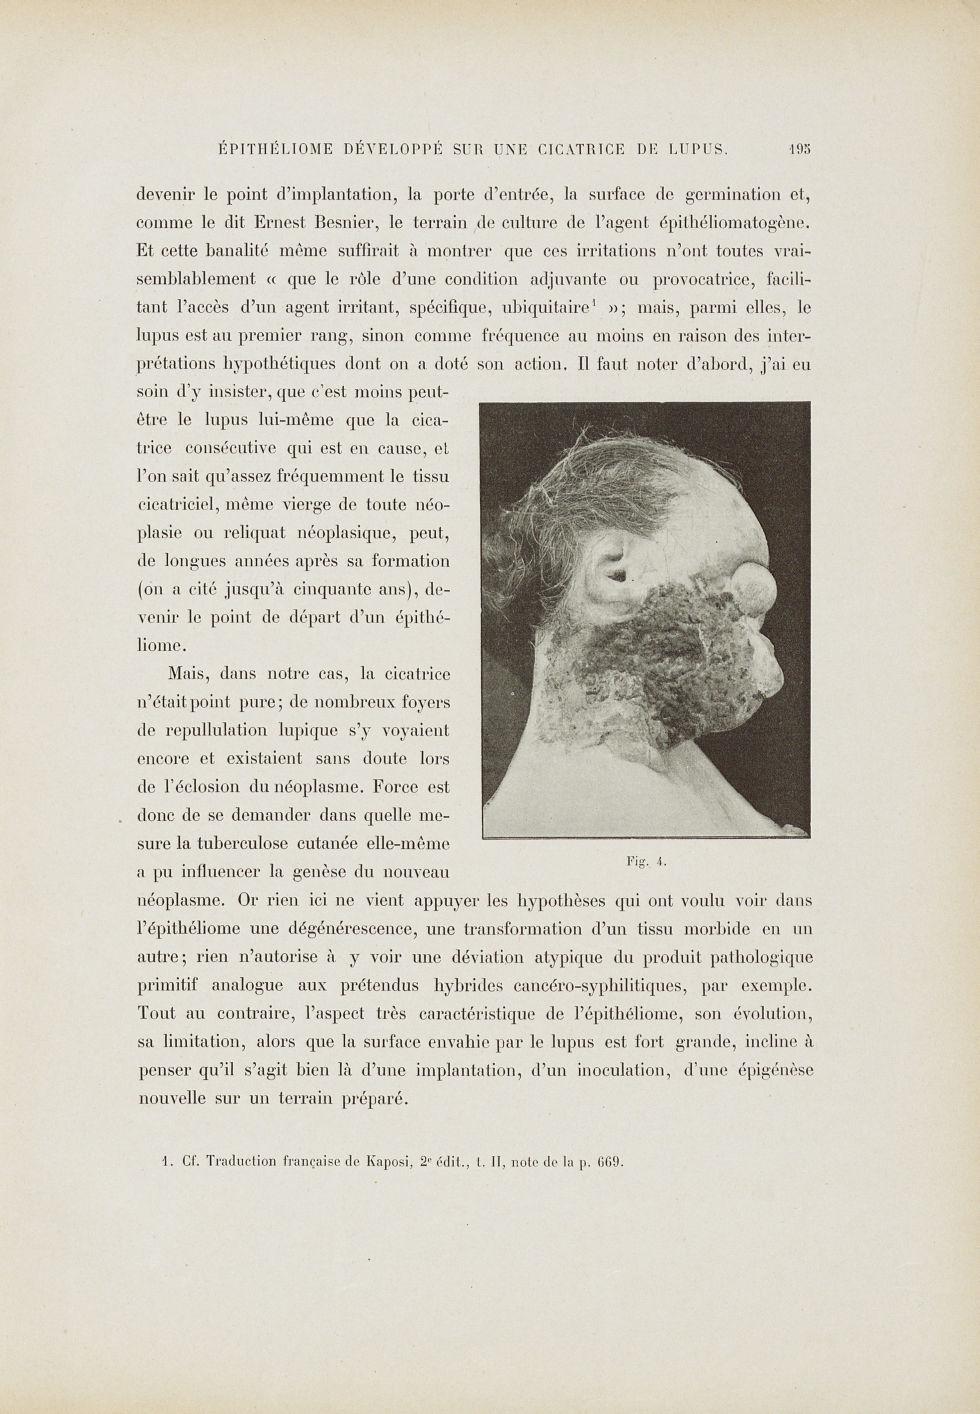 Fig. 4. [Epithéliome] - Le musée de l'hôpital Saint-Louis : iconographie des maladies cutanées et sy [...] - Dermatologie (peau). Visages (têtes). 19e siècle (France) - med01740x0232